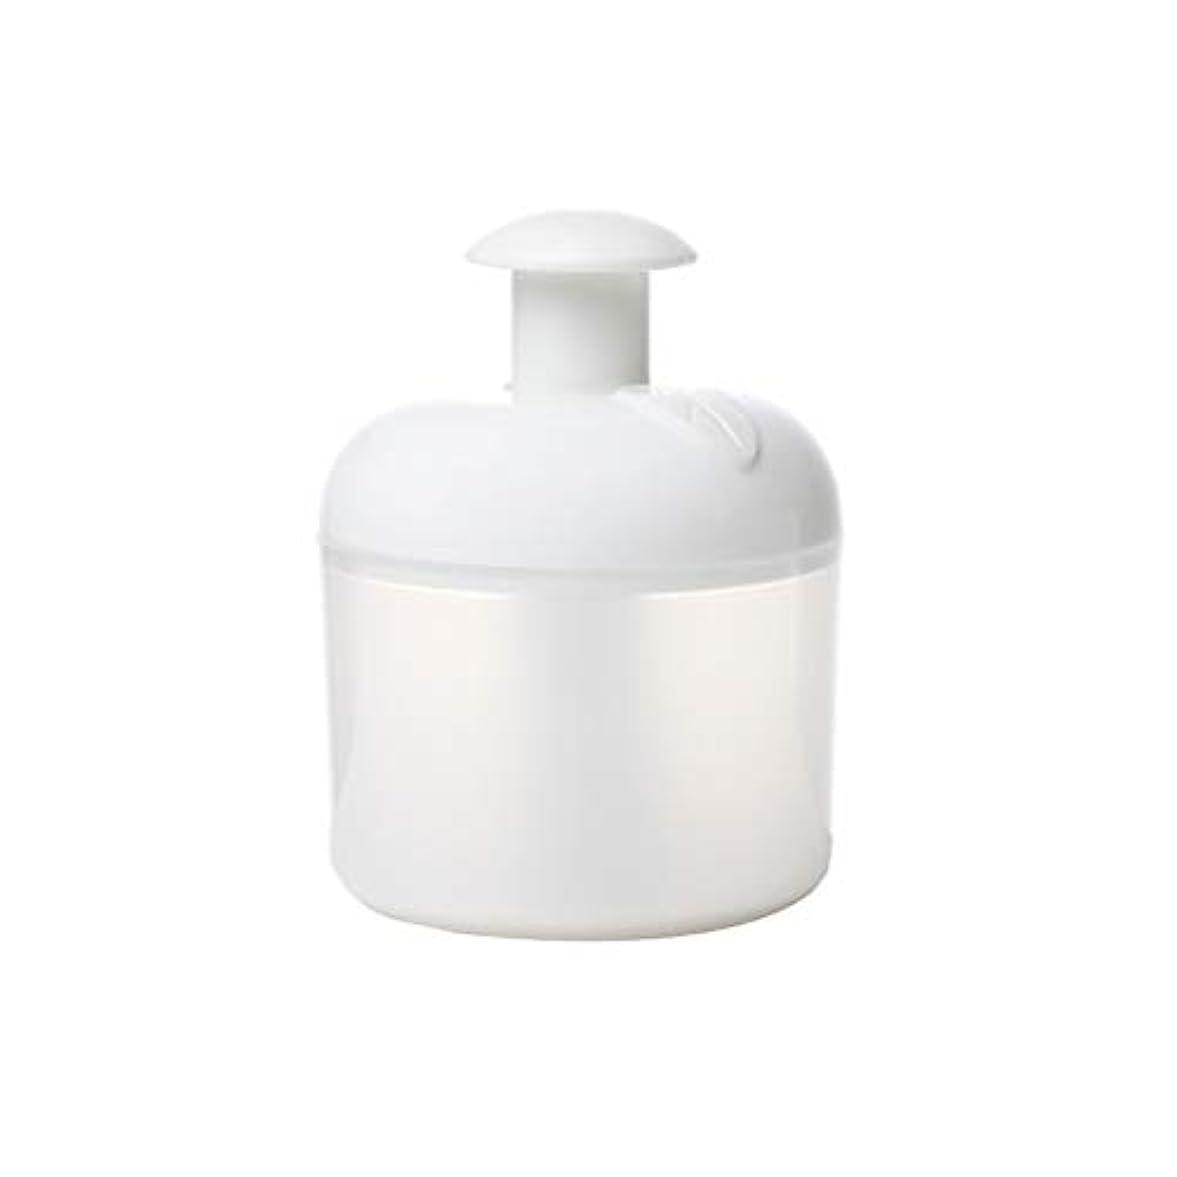 重荷些細な教えるLurrose 洗顔泡立て器フェイスクレンザーバブルメーカー用フェイスウォッシュスキンケアトラベル家庭用(ホワイト)